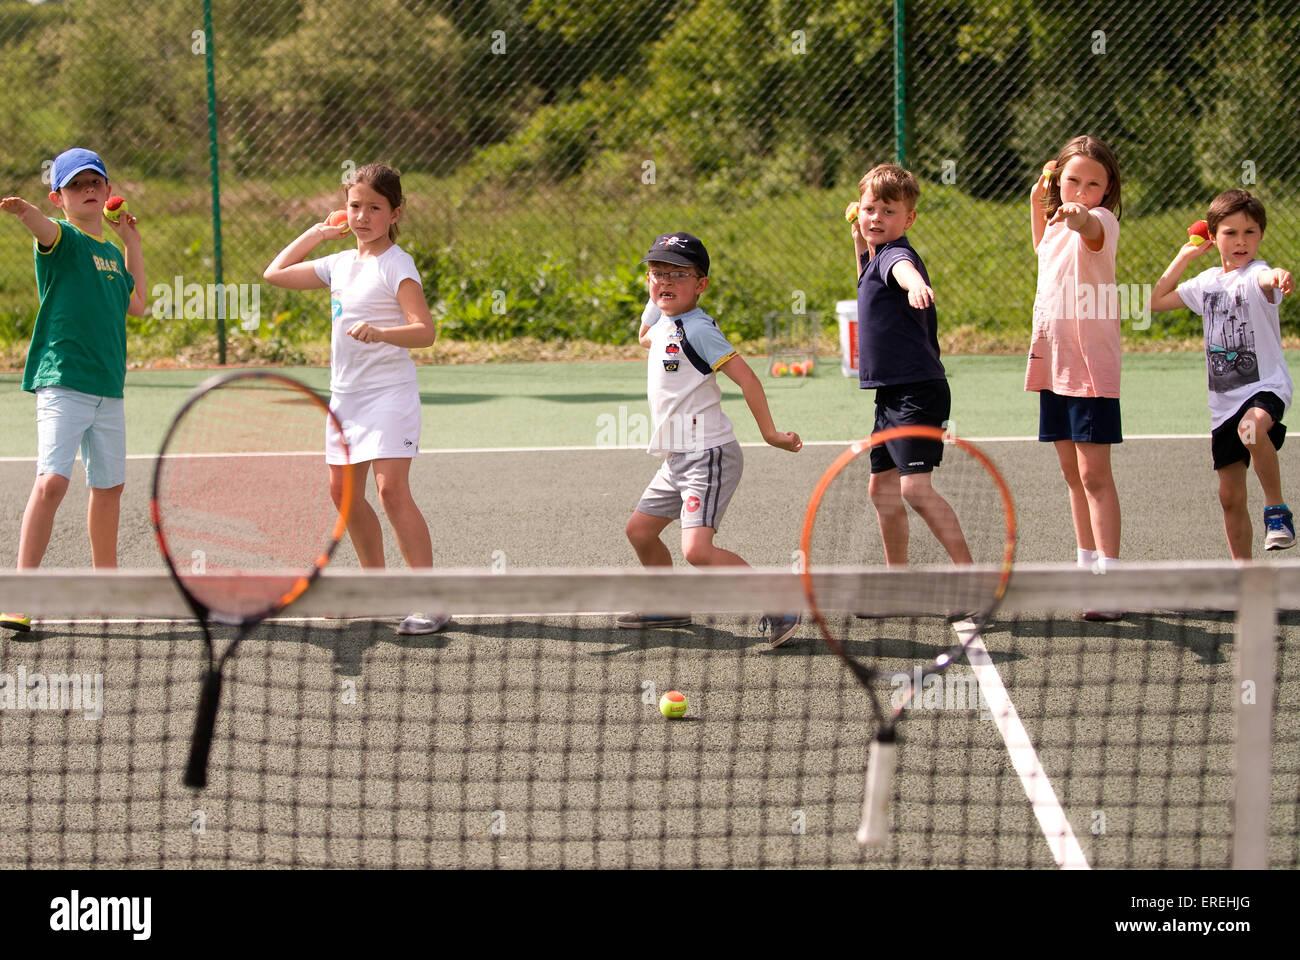 Les enfants jouent à des jeux de tennis tennis un organisme de bienfaisance, Headley, Hampshire, Royaume-Uni. Photo Stock